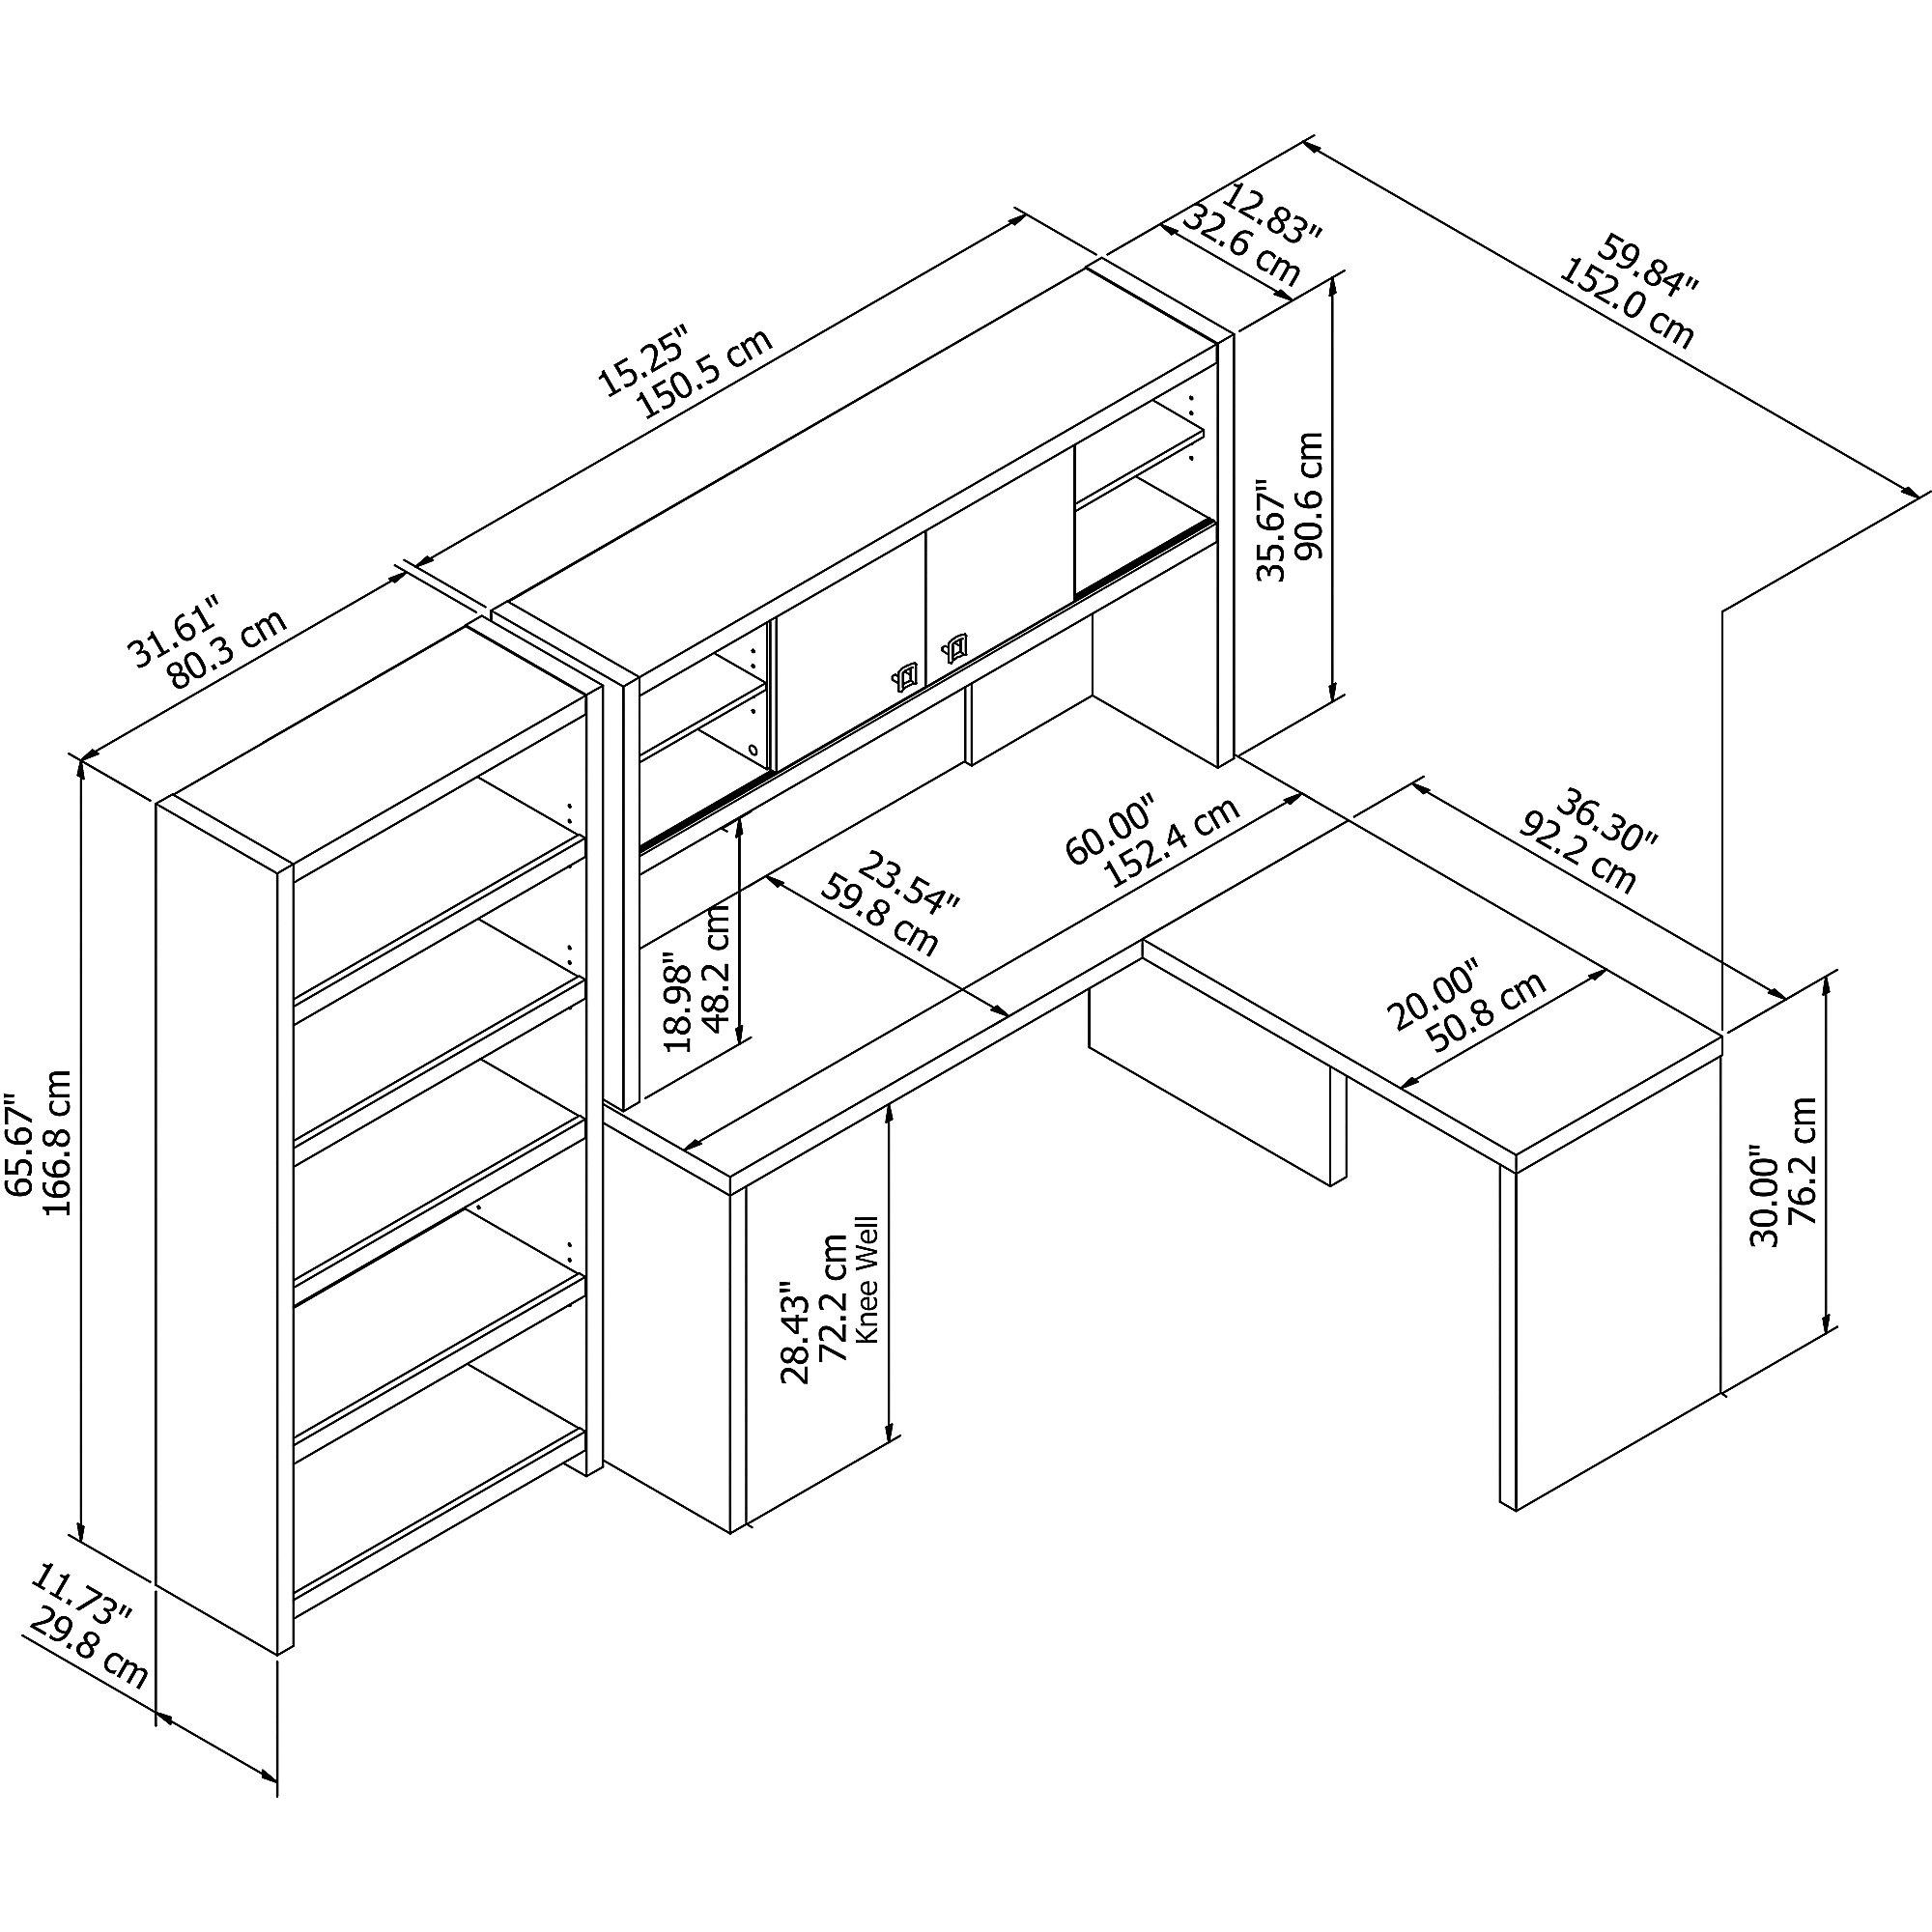 ech033 desk component dimensions